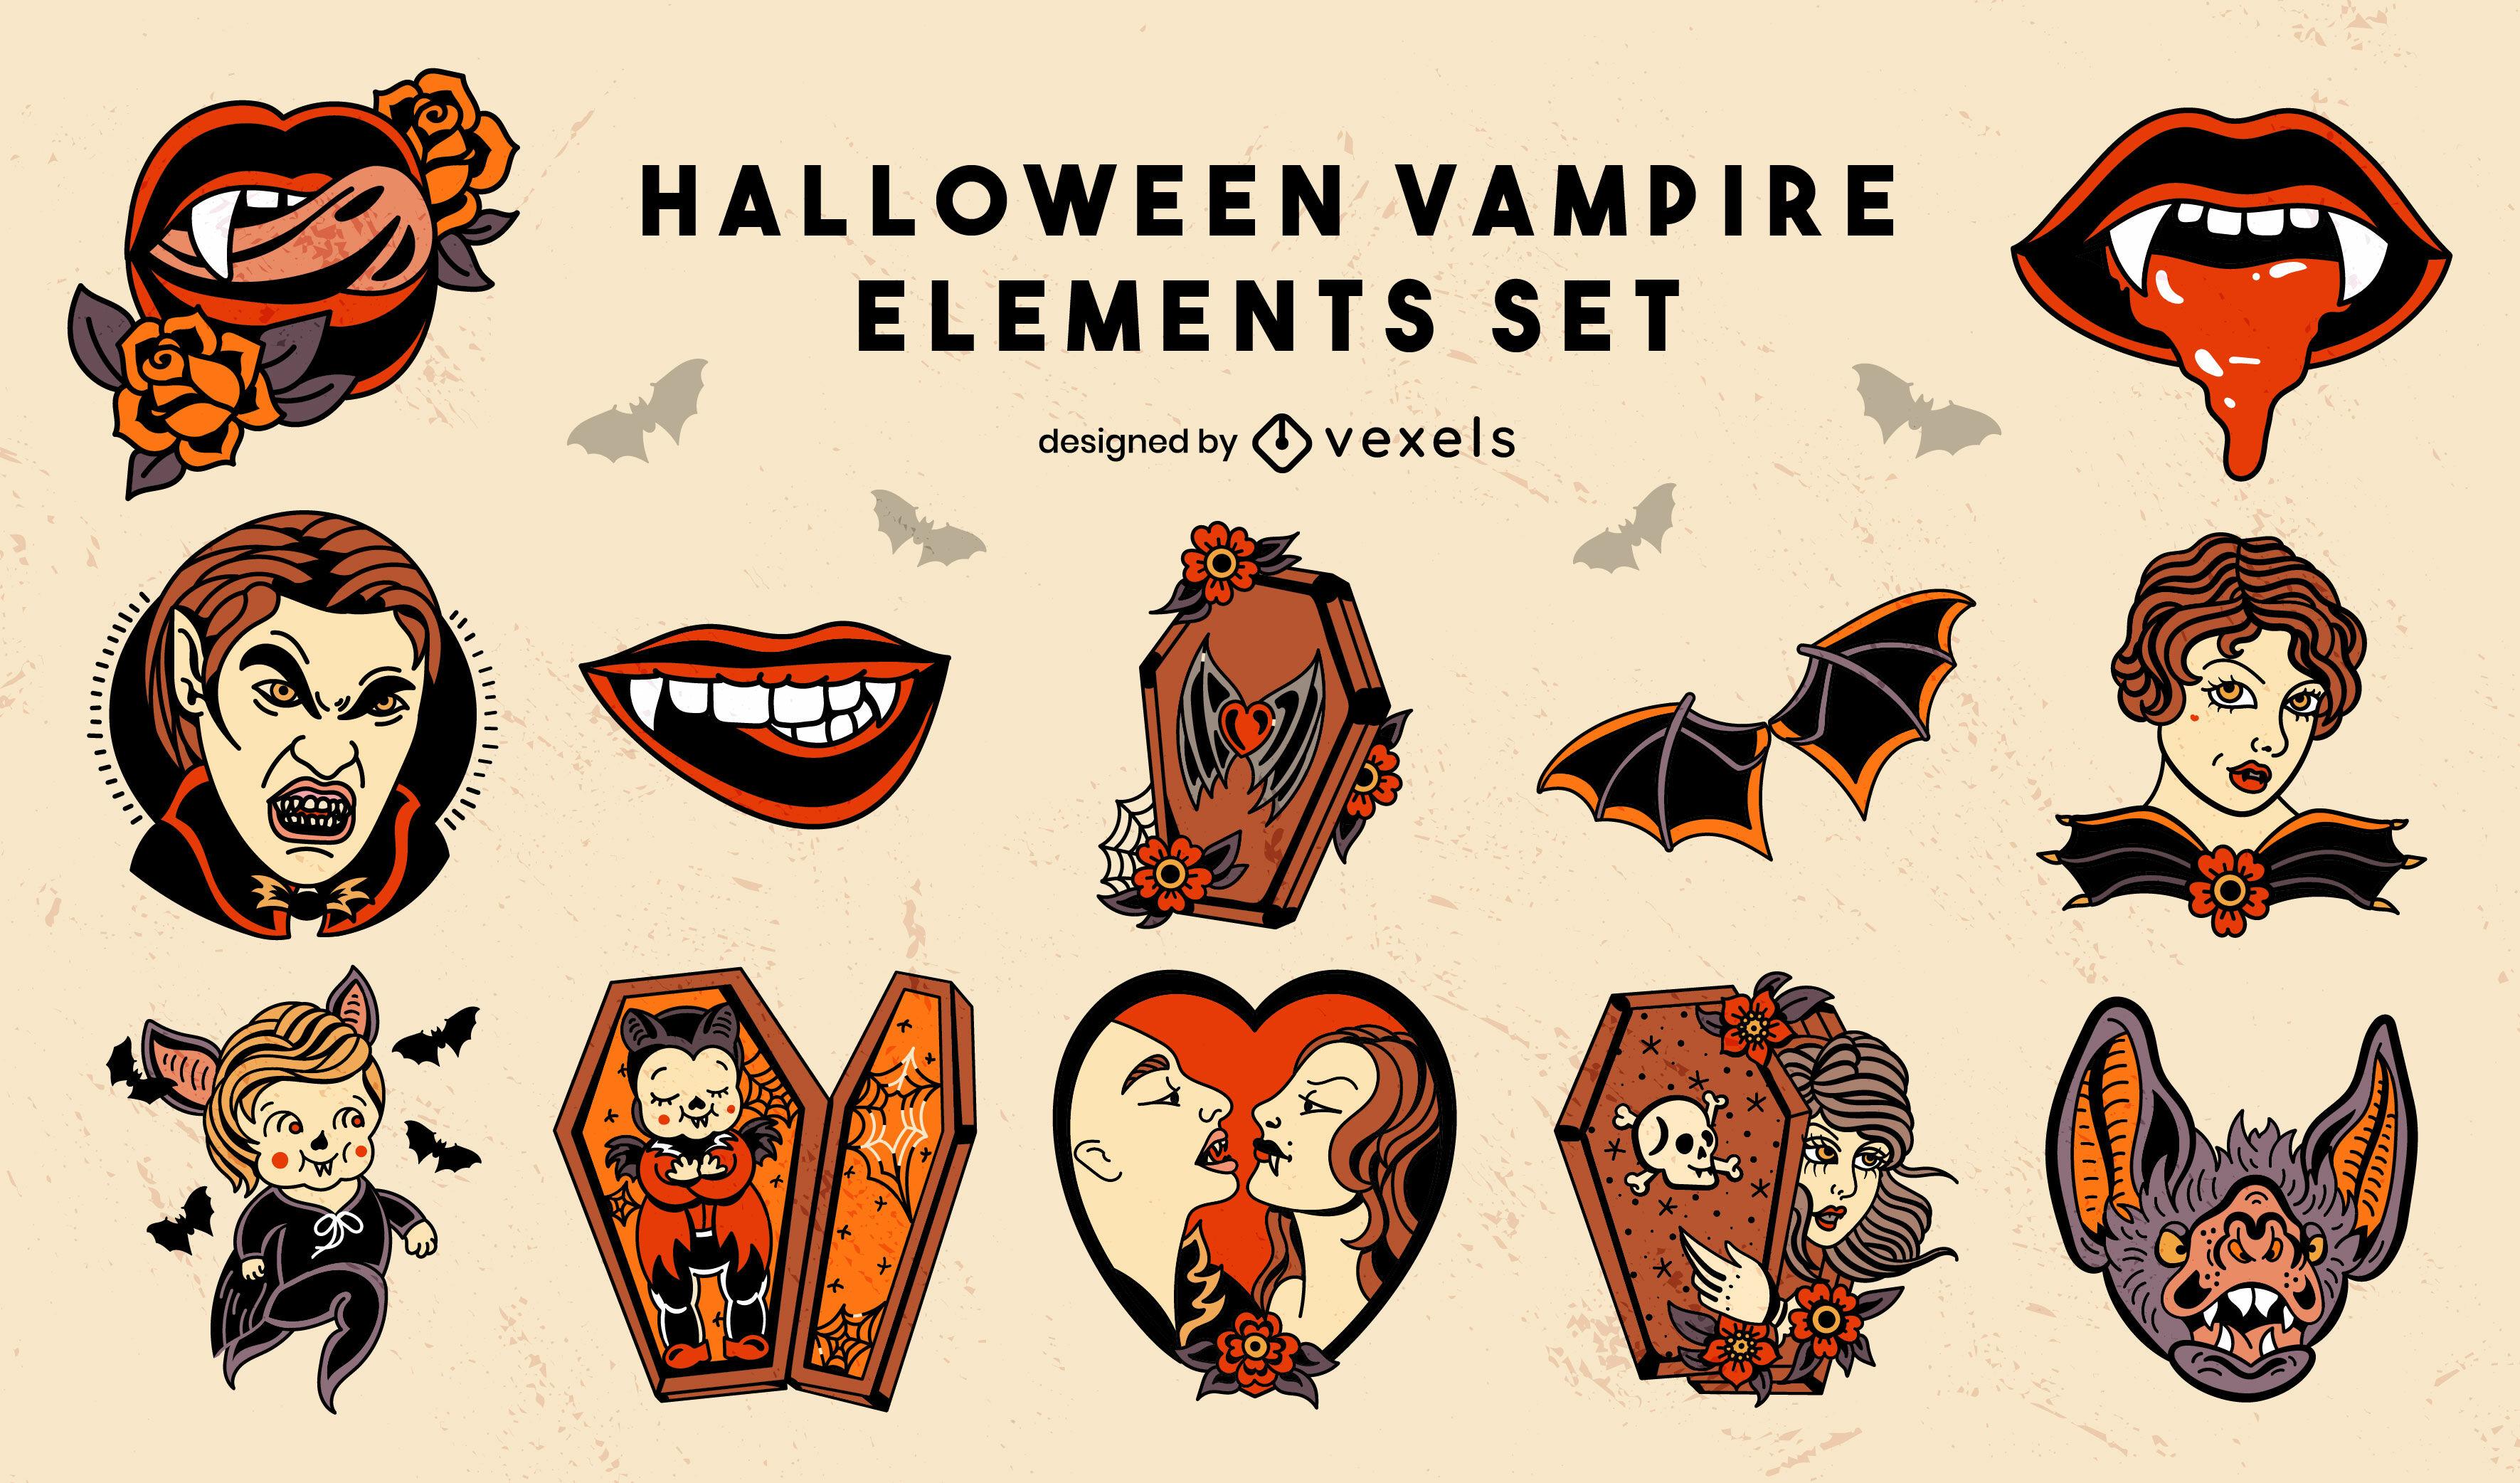 Elementos de vampiro estilo de tatuaje de la vieja escuela